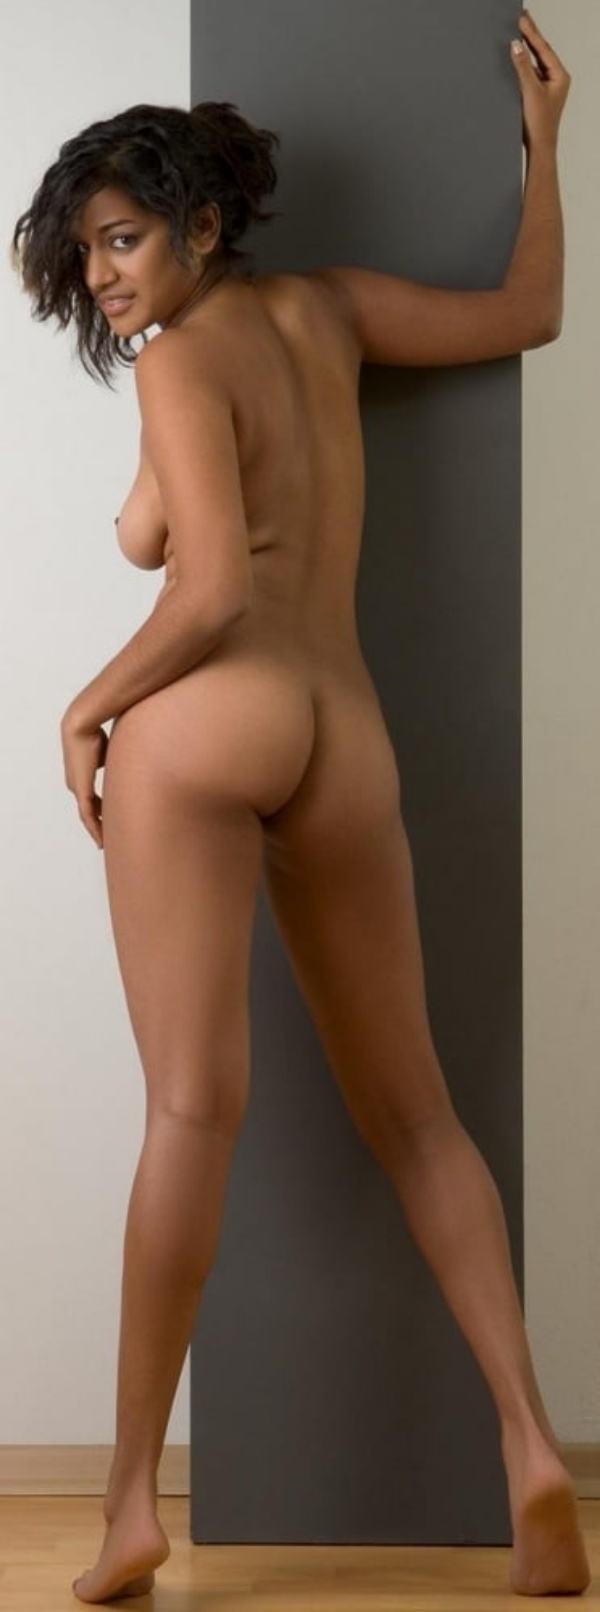 desi nude girls photos tight ass boobs xxx - 23